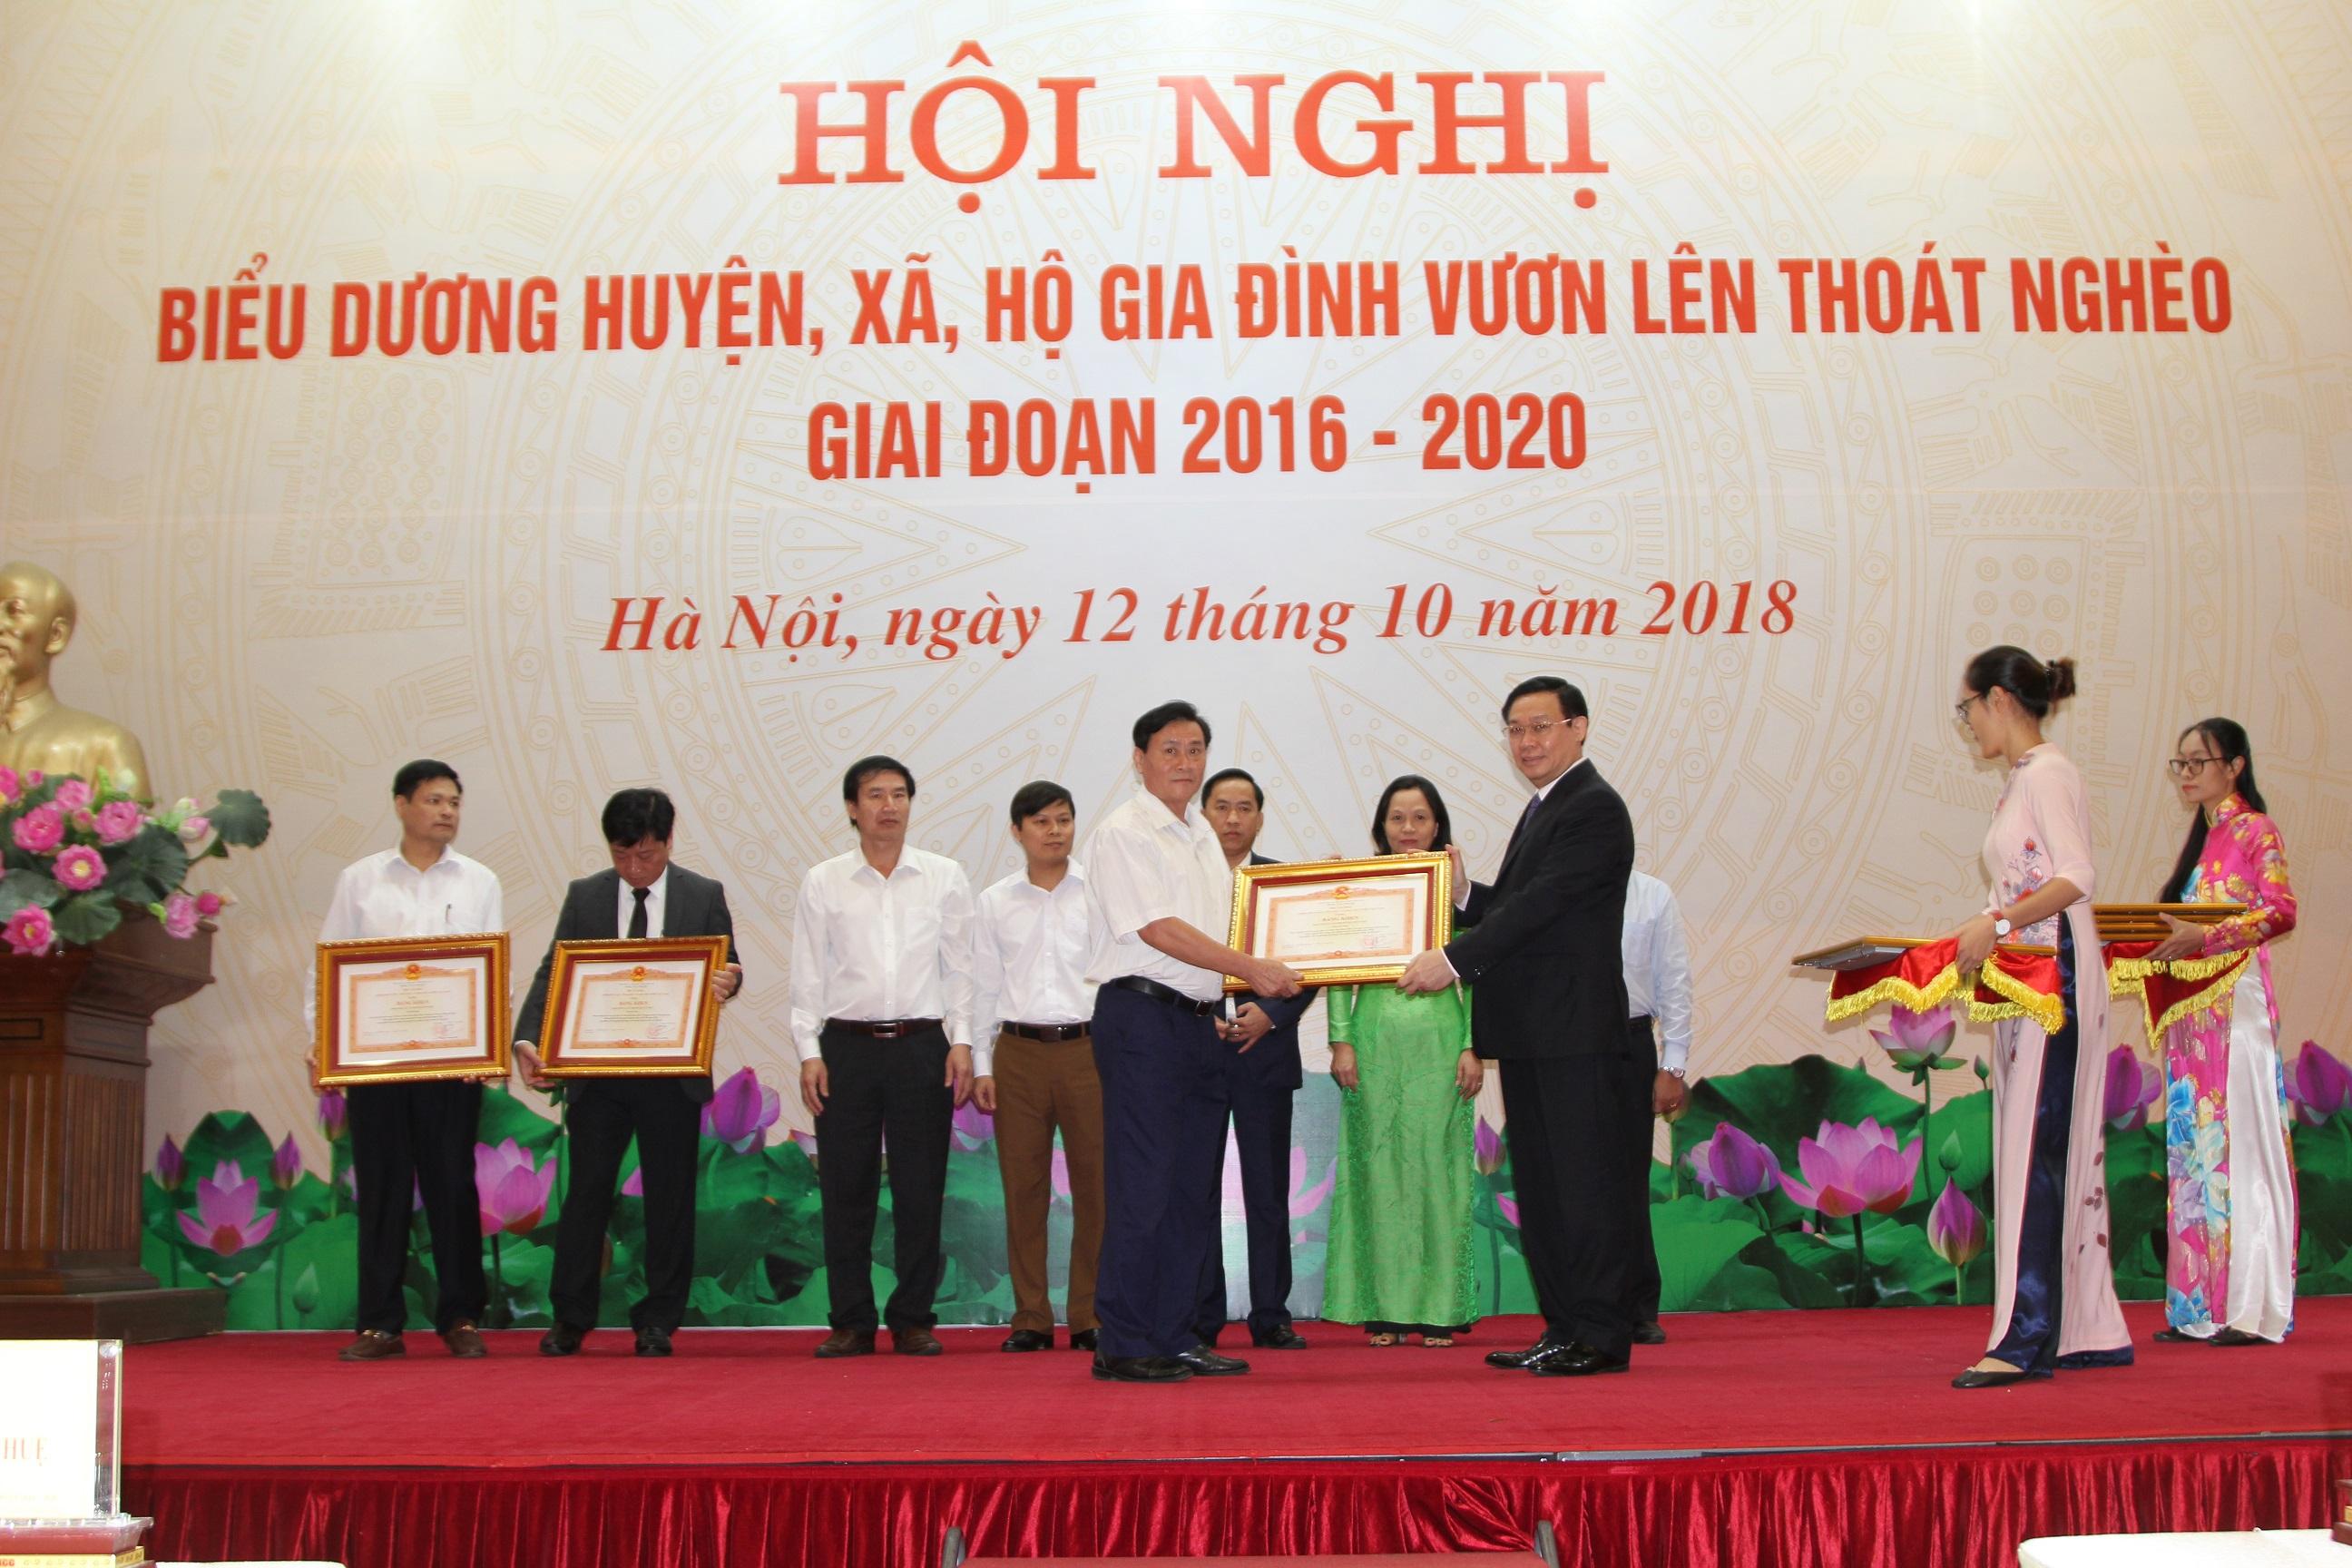 Phó Thủ tướng Vương Đình Huệ trao Bằng khen của Thủ tướng Chính phủ cho 8 huyện ra khỏi danh sách các huyện nghèo.